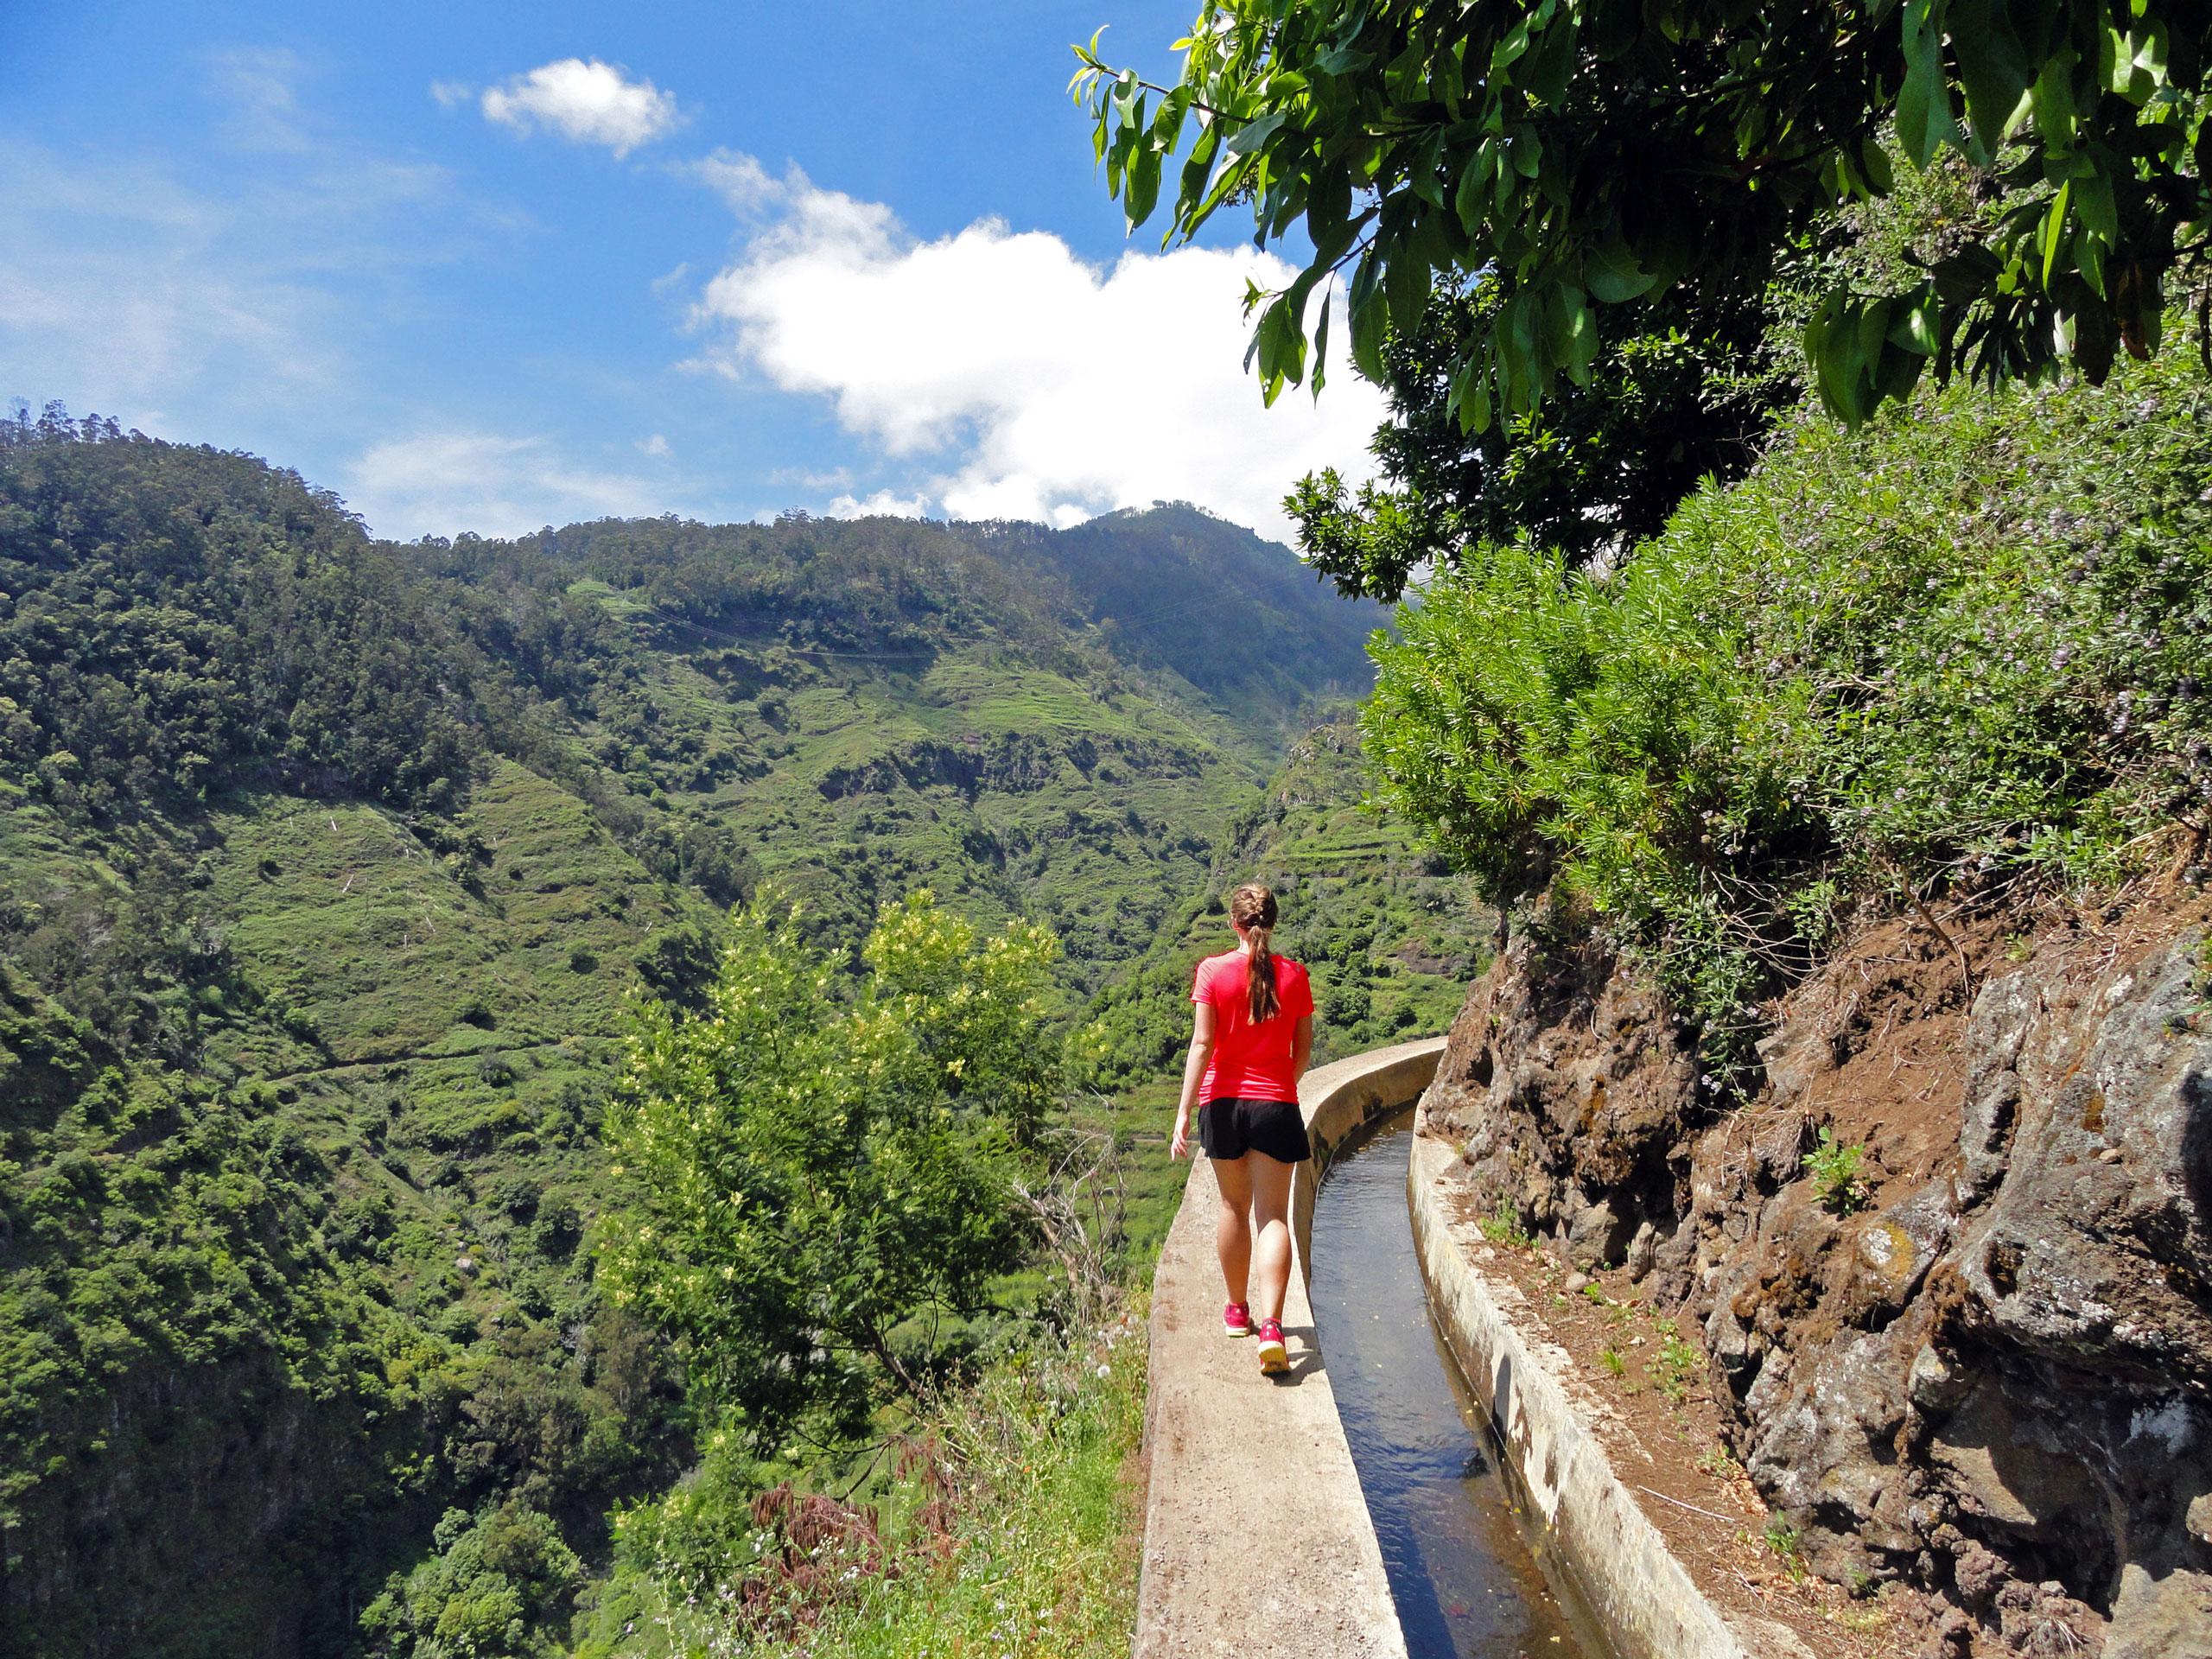 Ve výškách na levádách u Ponta do Sol